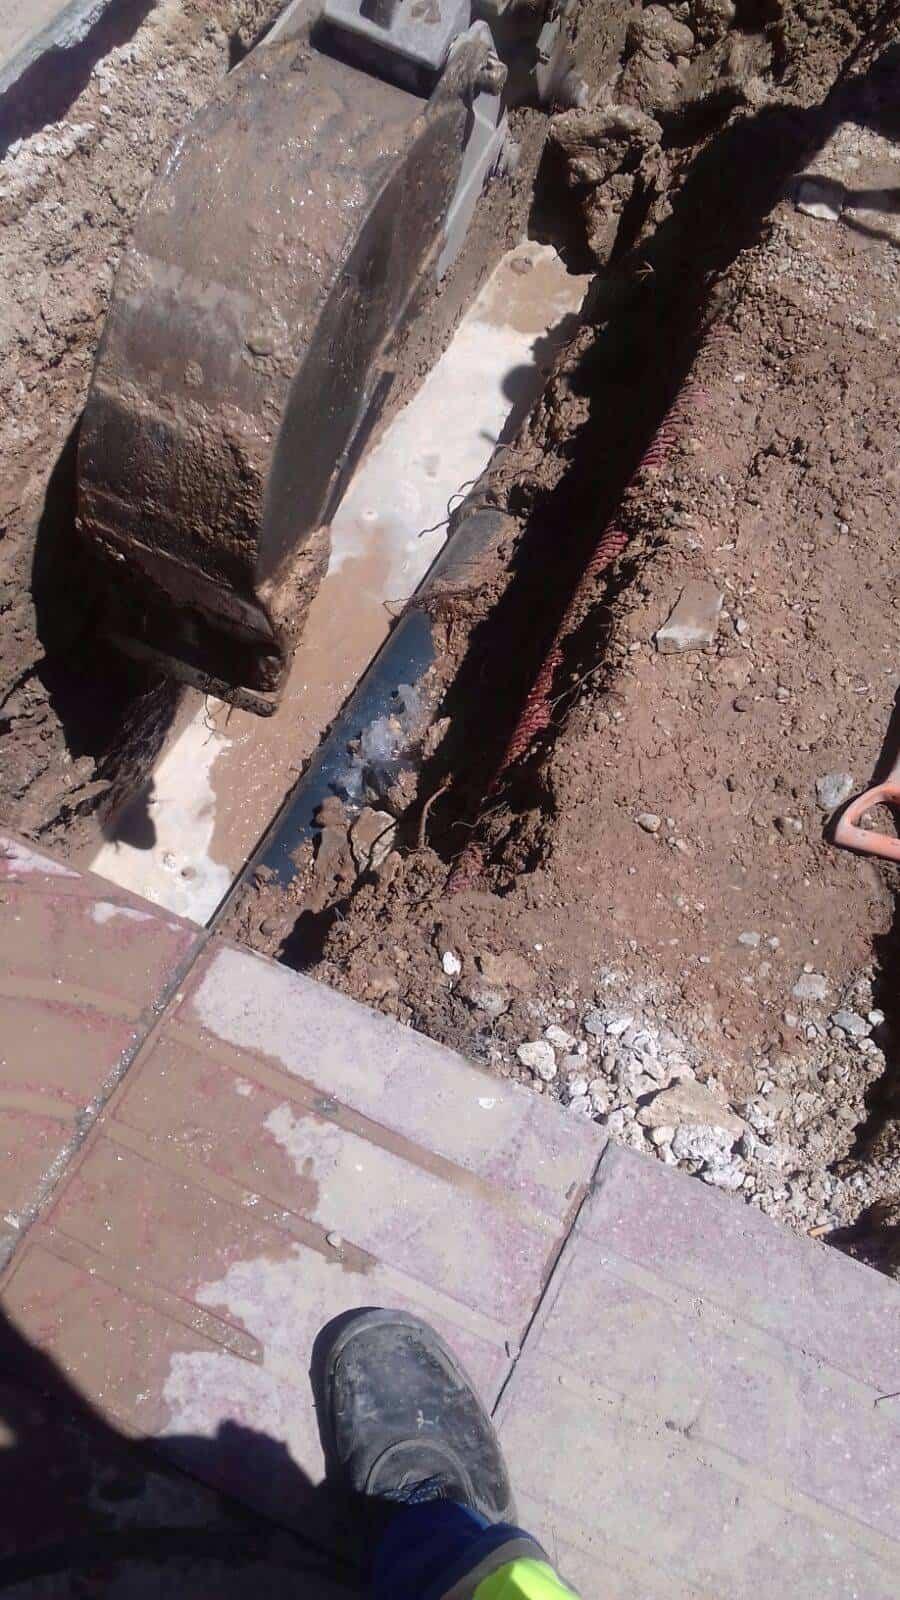 averia tuberia agua avda alcazar herencia 2 - Avería en tubería en Avenida de Alcázar de San Juan en Herencia